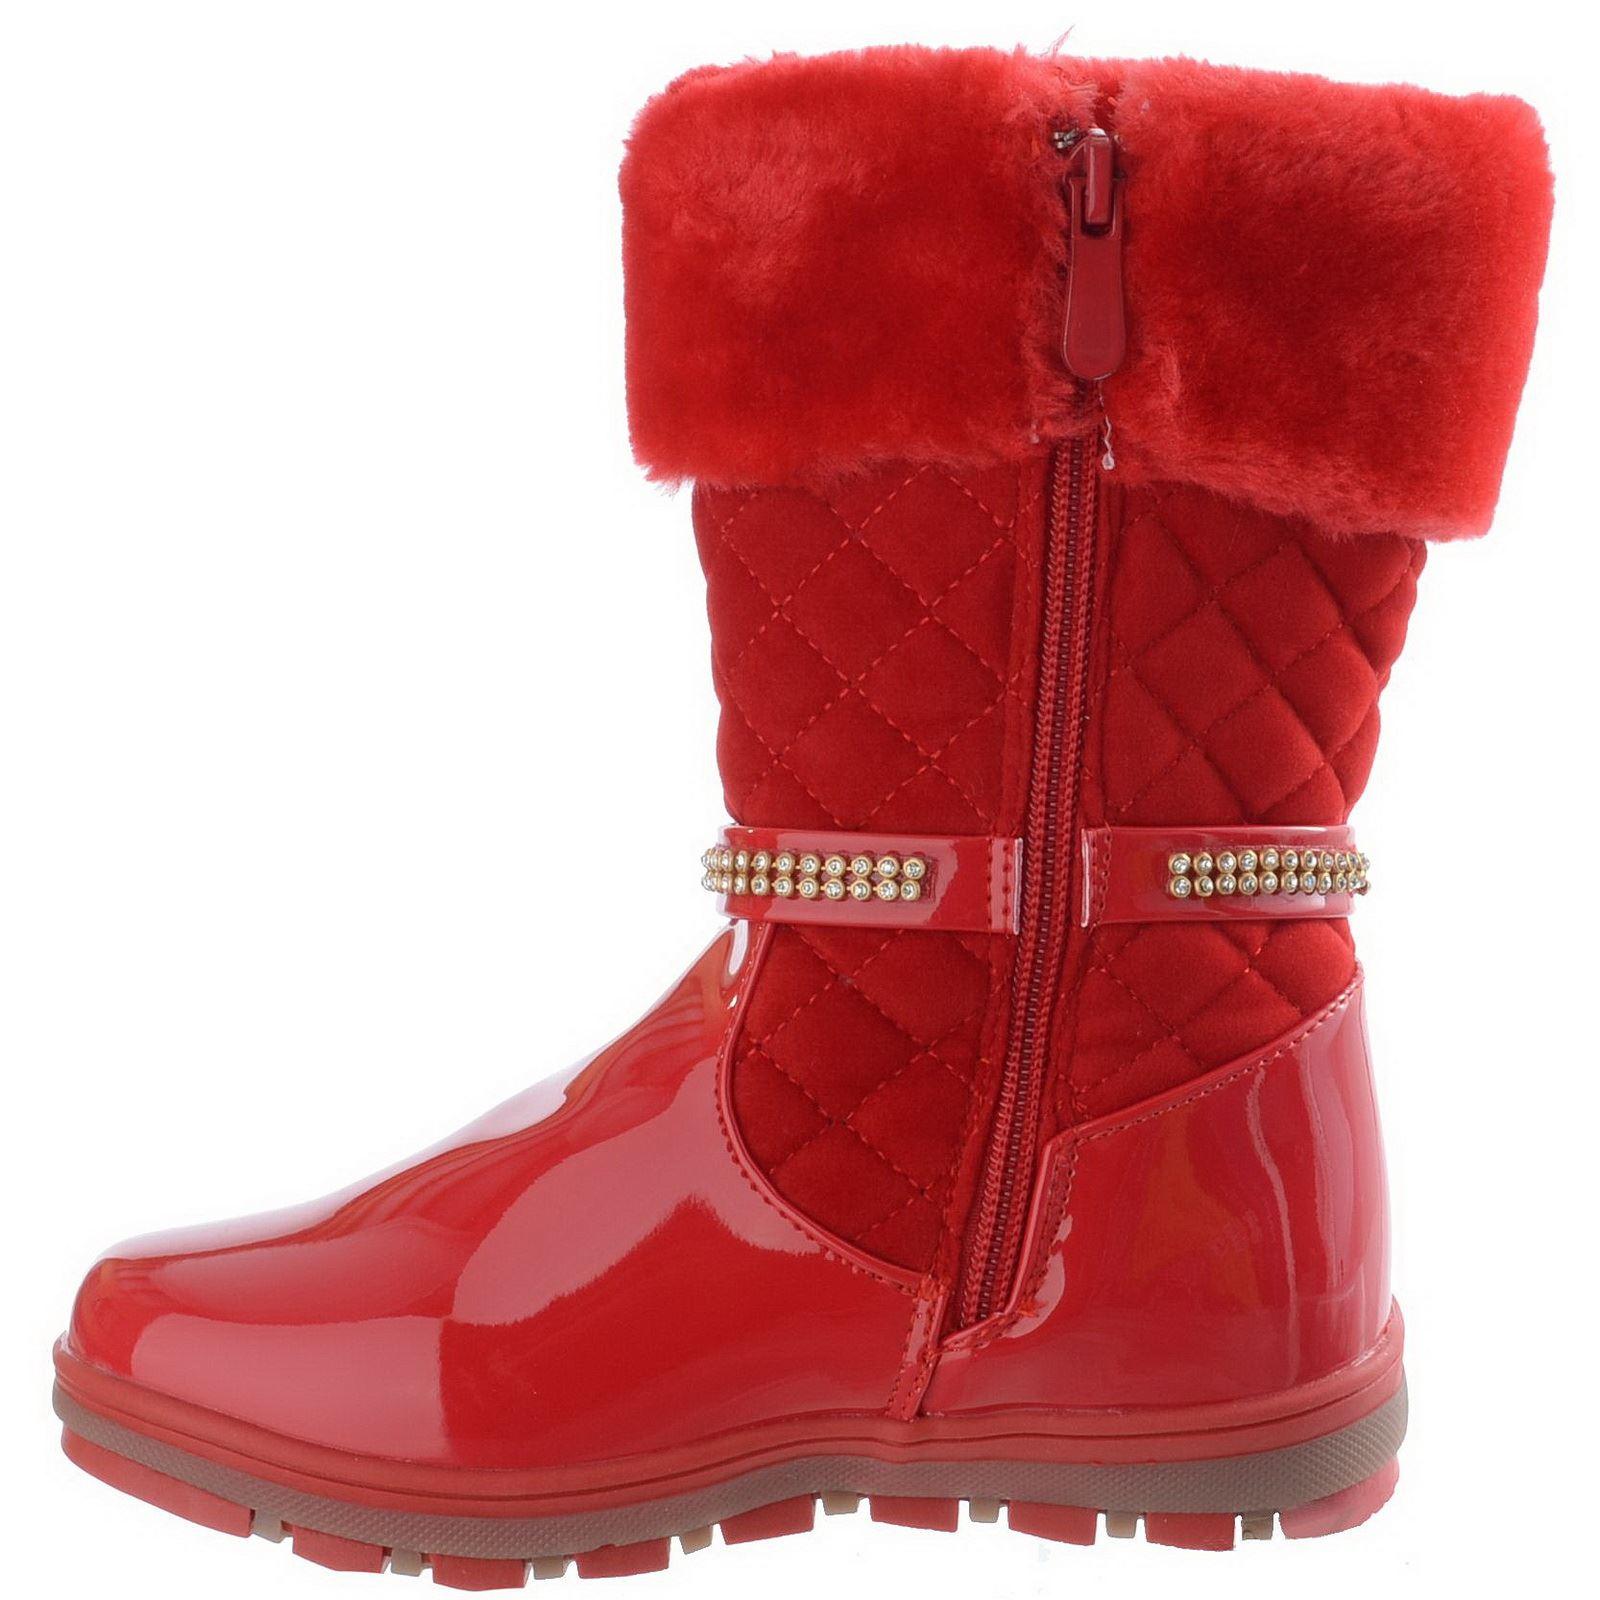 Filles-Enfants-Enfants-Hiver-Chaud-Matelasse-N-ud-Strass-Zip-Cheville-Bottes-Chaussures-Taille